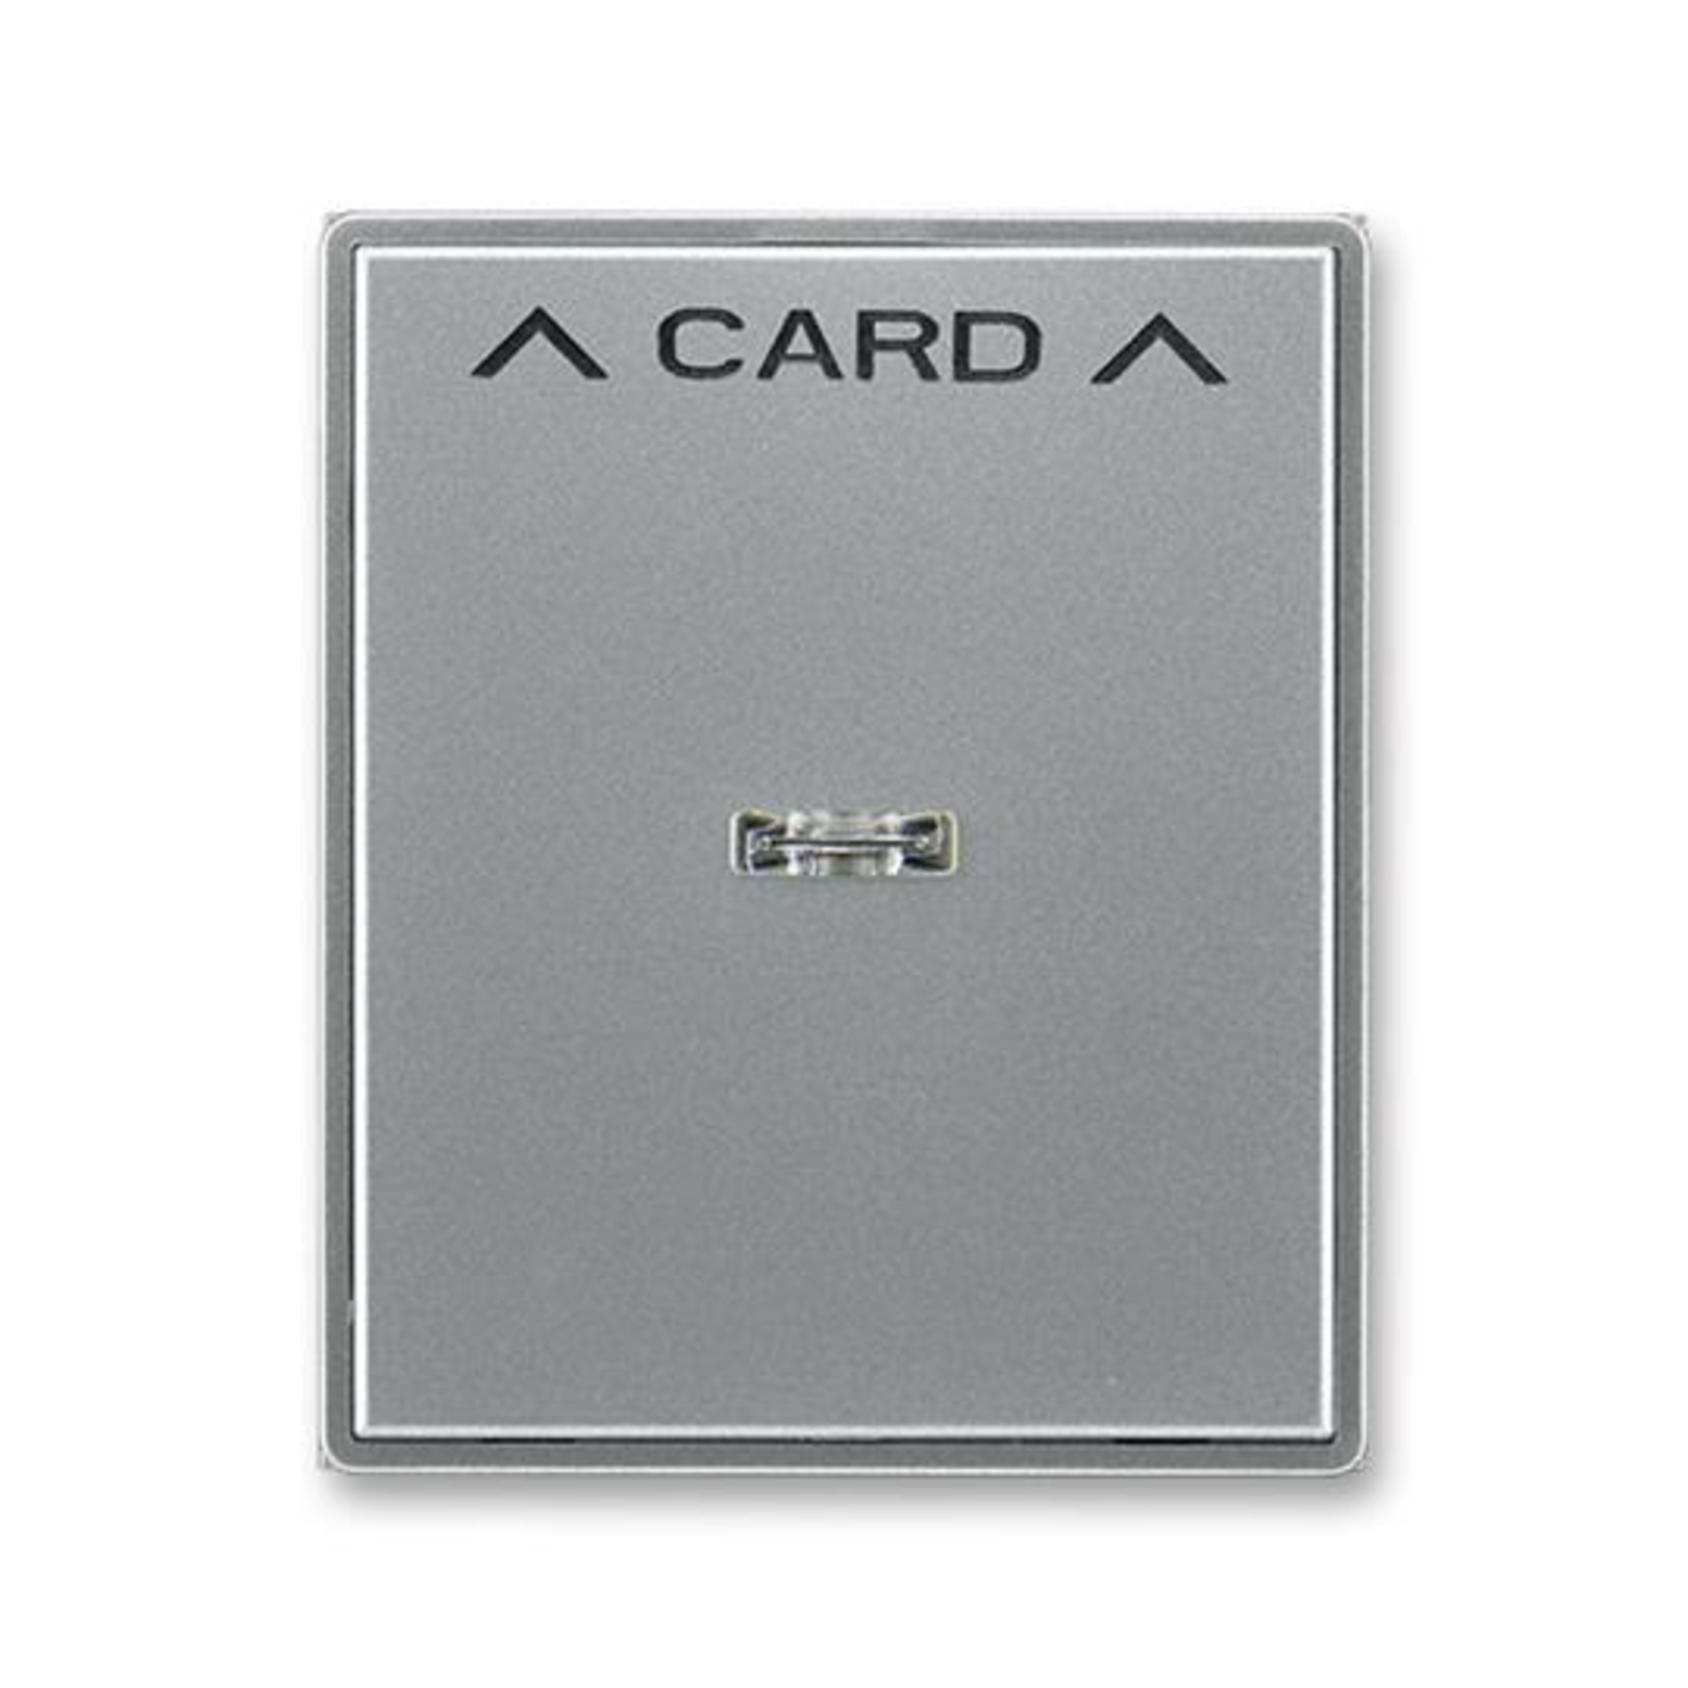 ABB 3559E-A00700 36 Time Kryt spínače kartového, s čirým průzorem